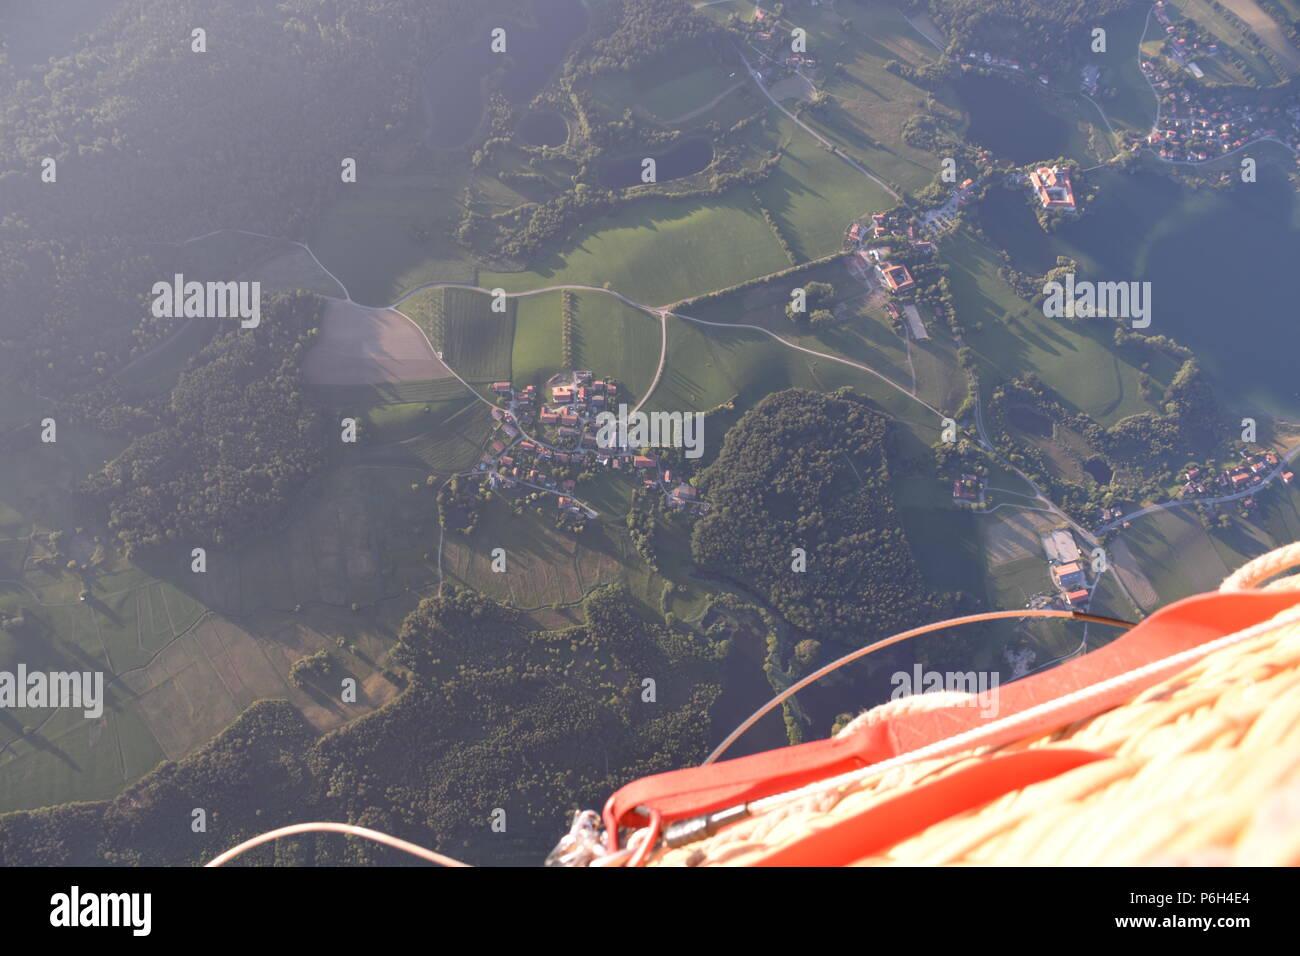 Fahrt mit dem Heißluftballon über den Chiemsee - Stock Image